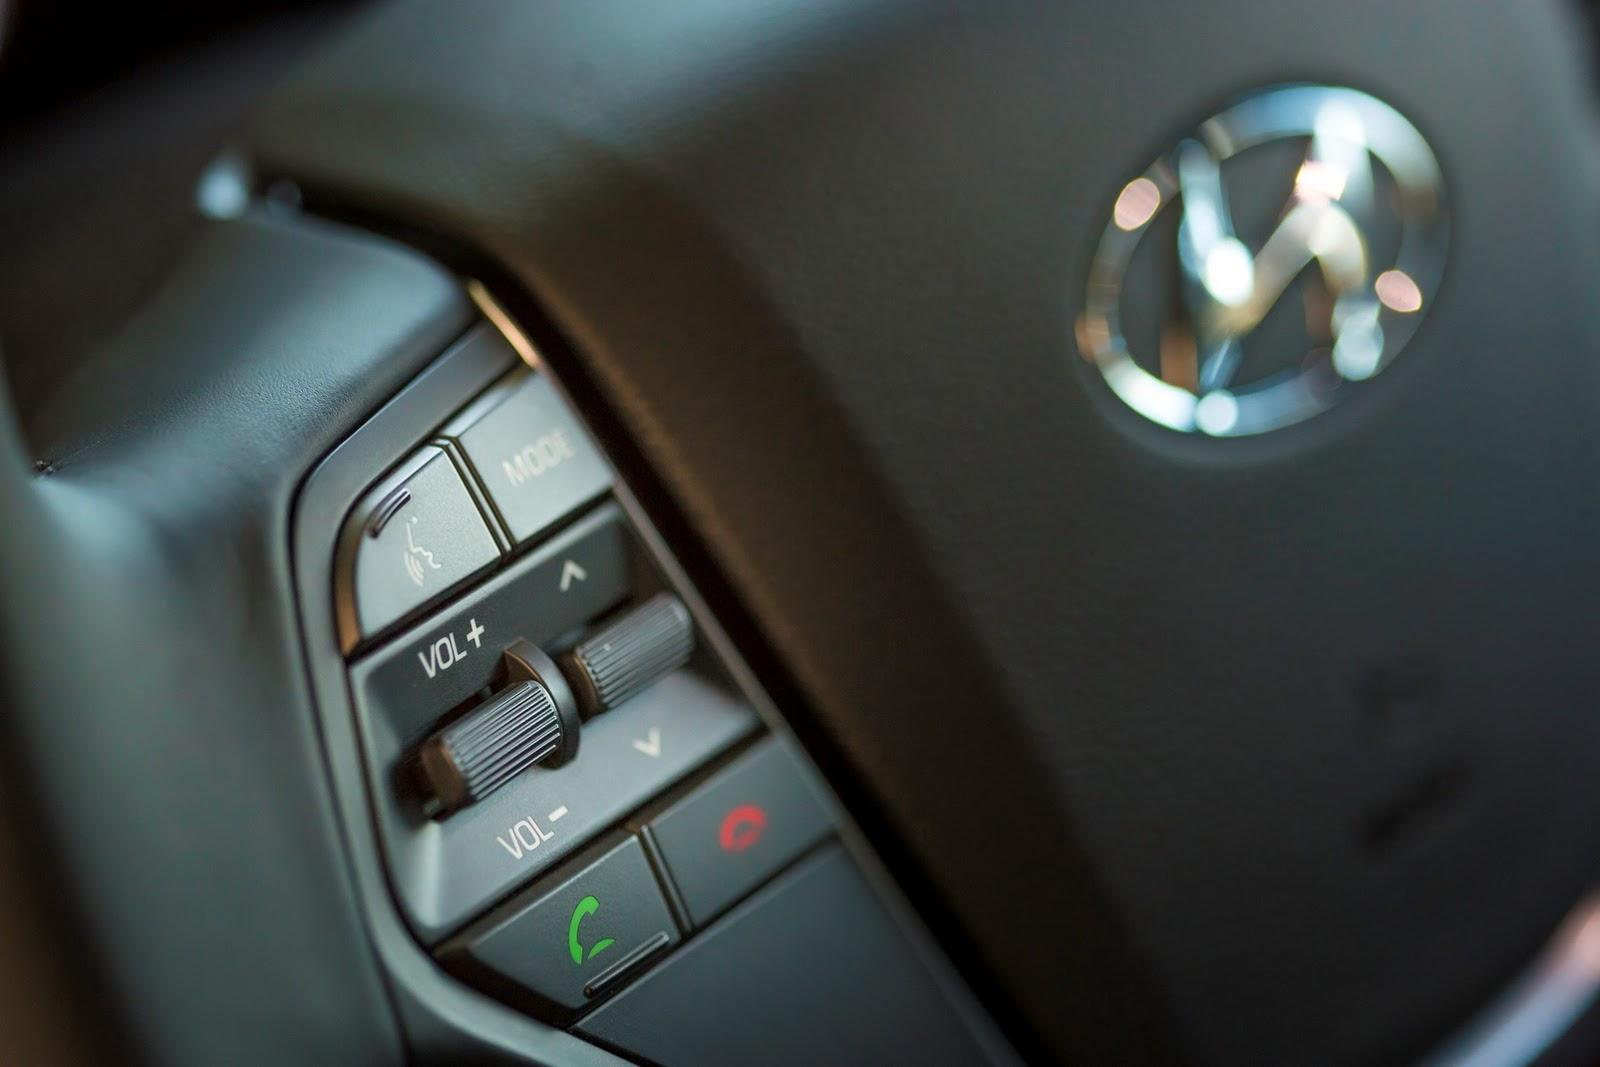 Đó là còn chưa kể đến gương ngoại thất chỉnh điện sơn trùng màu thân, phím chỉnh âm thanh và kiểm soát hành trình trên vô lăng, hệ thống kết nối Bluetooth và giám sát áp suất từng lốp.